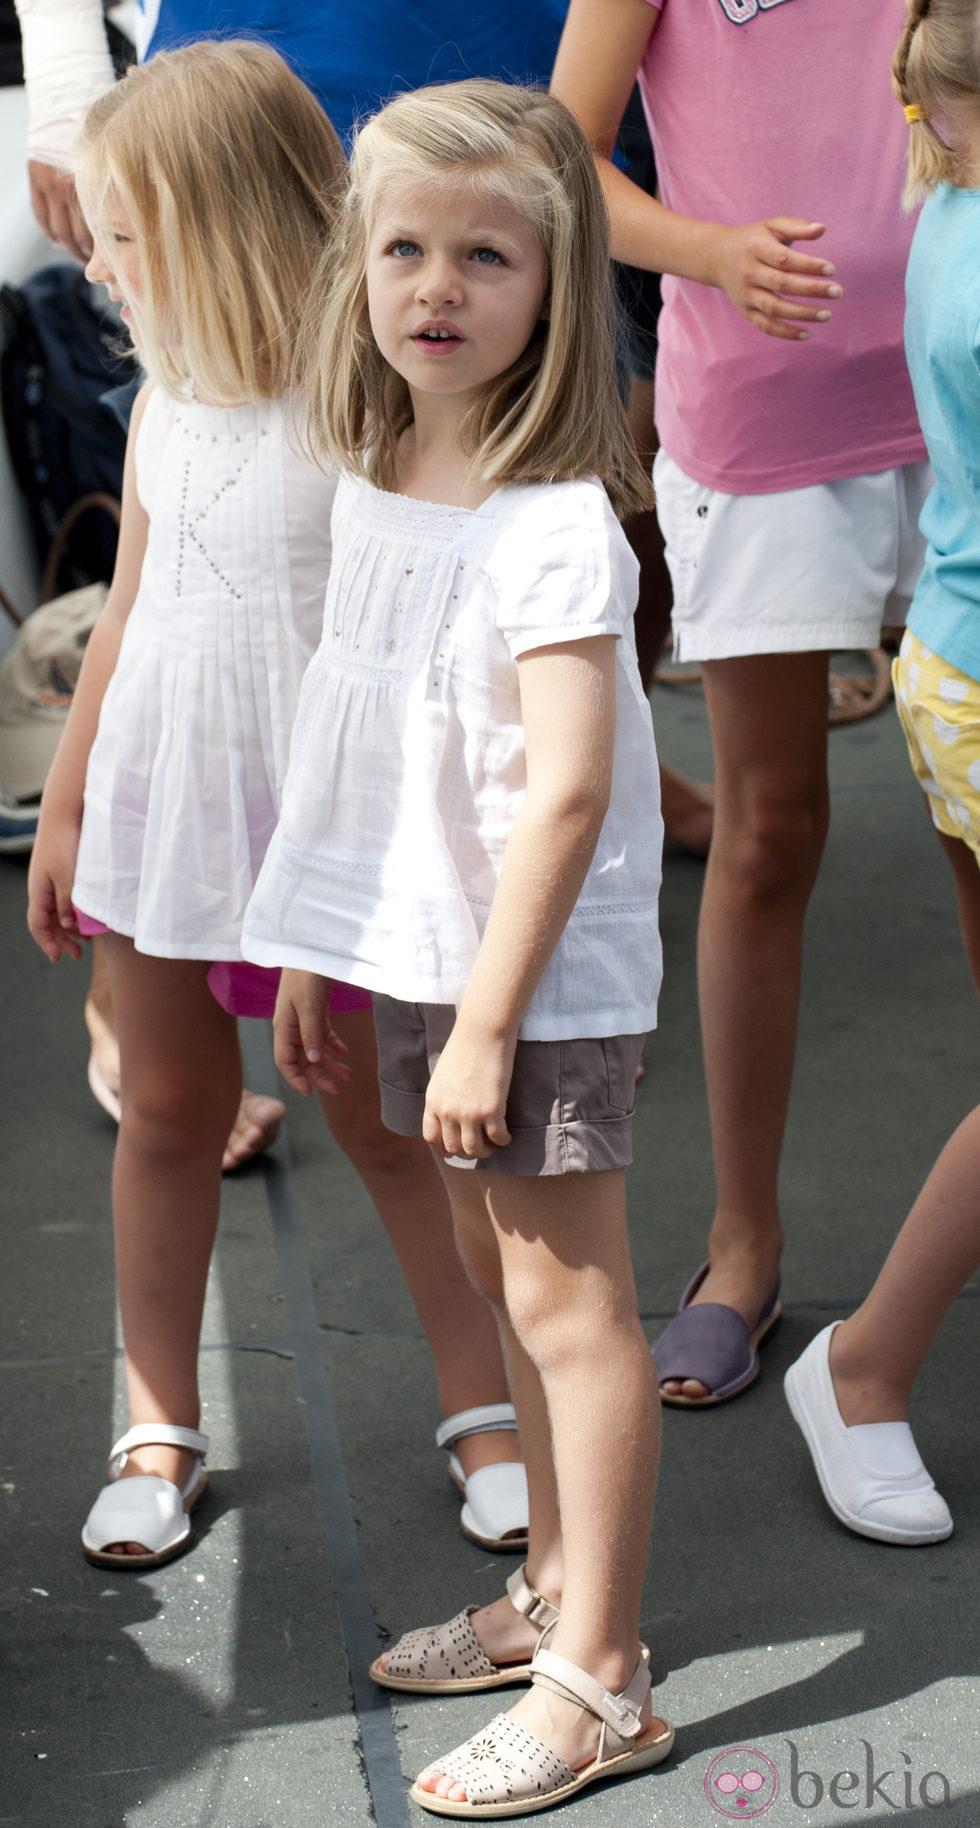 La Infanta Leonor con shorts caquis y camiseta blanca